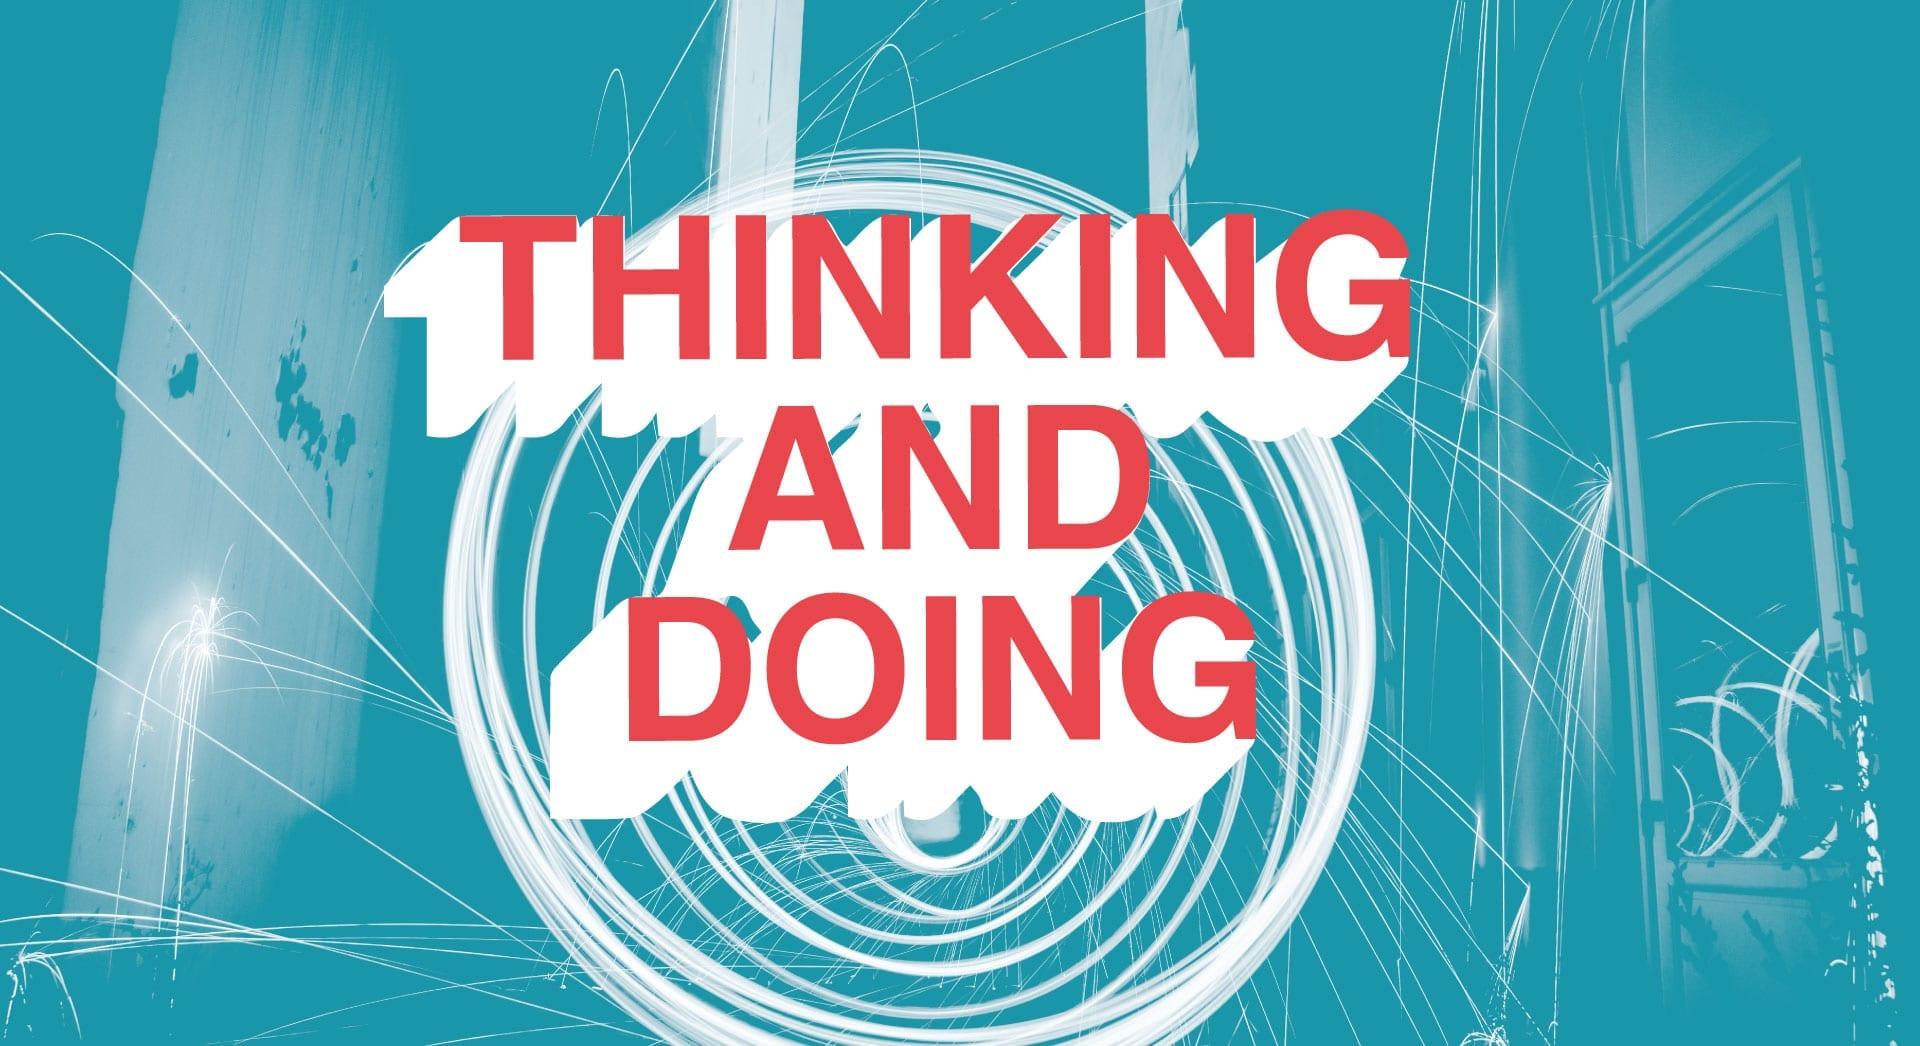 thinking and doing inexmoda